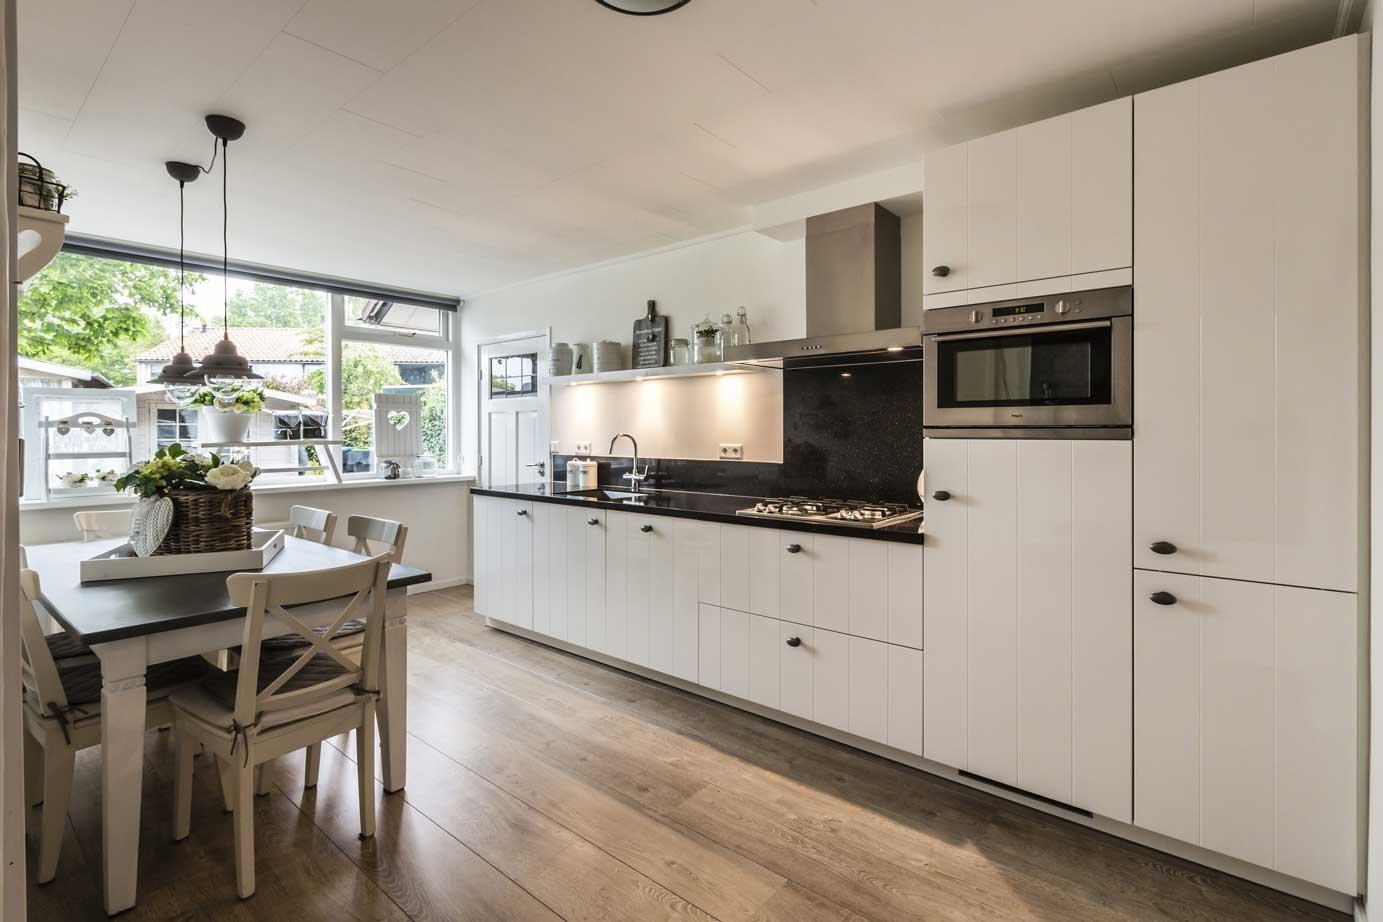 Keuken Kleur Veranderen : Keukenrenovatie in heel Nederland met eigen monteurs – DB Keukens